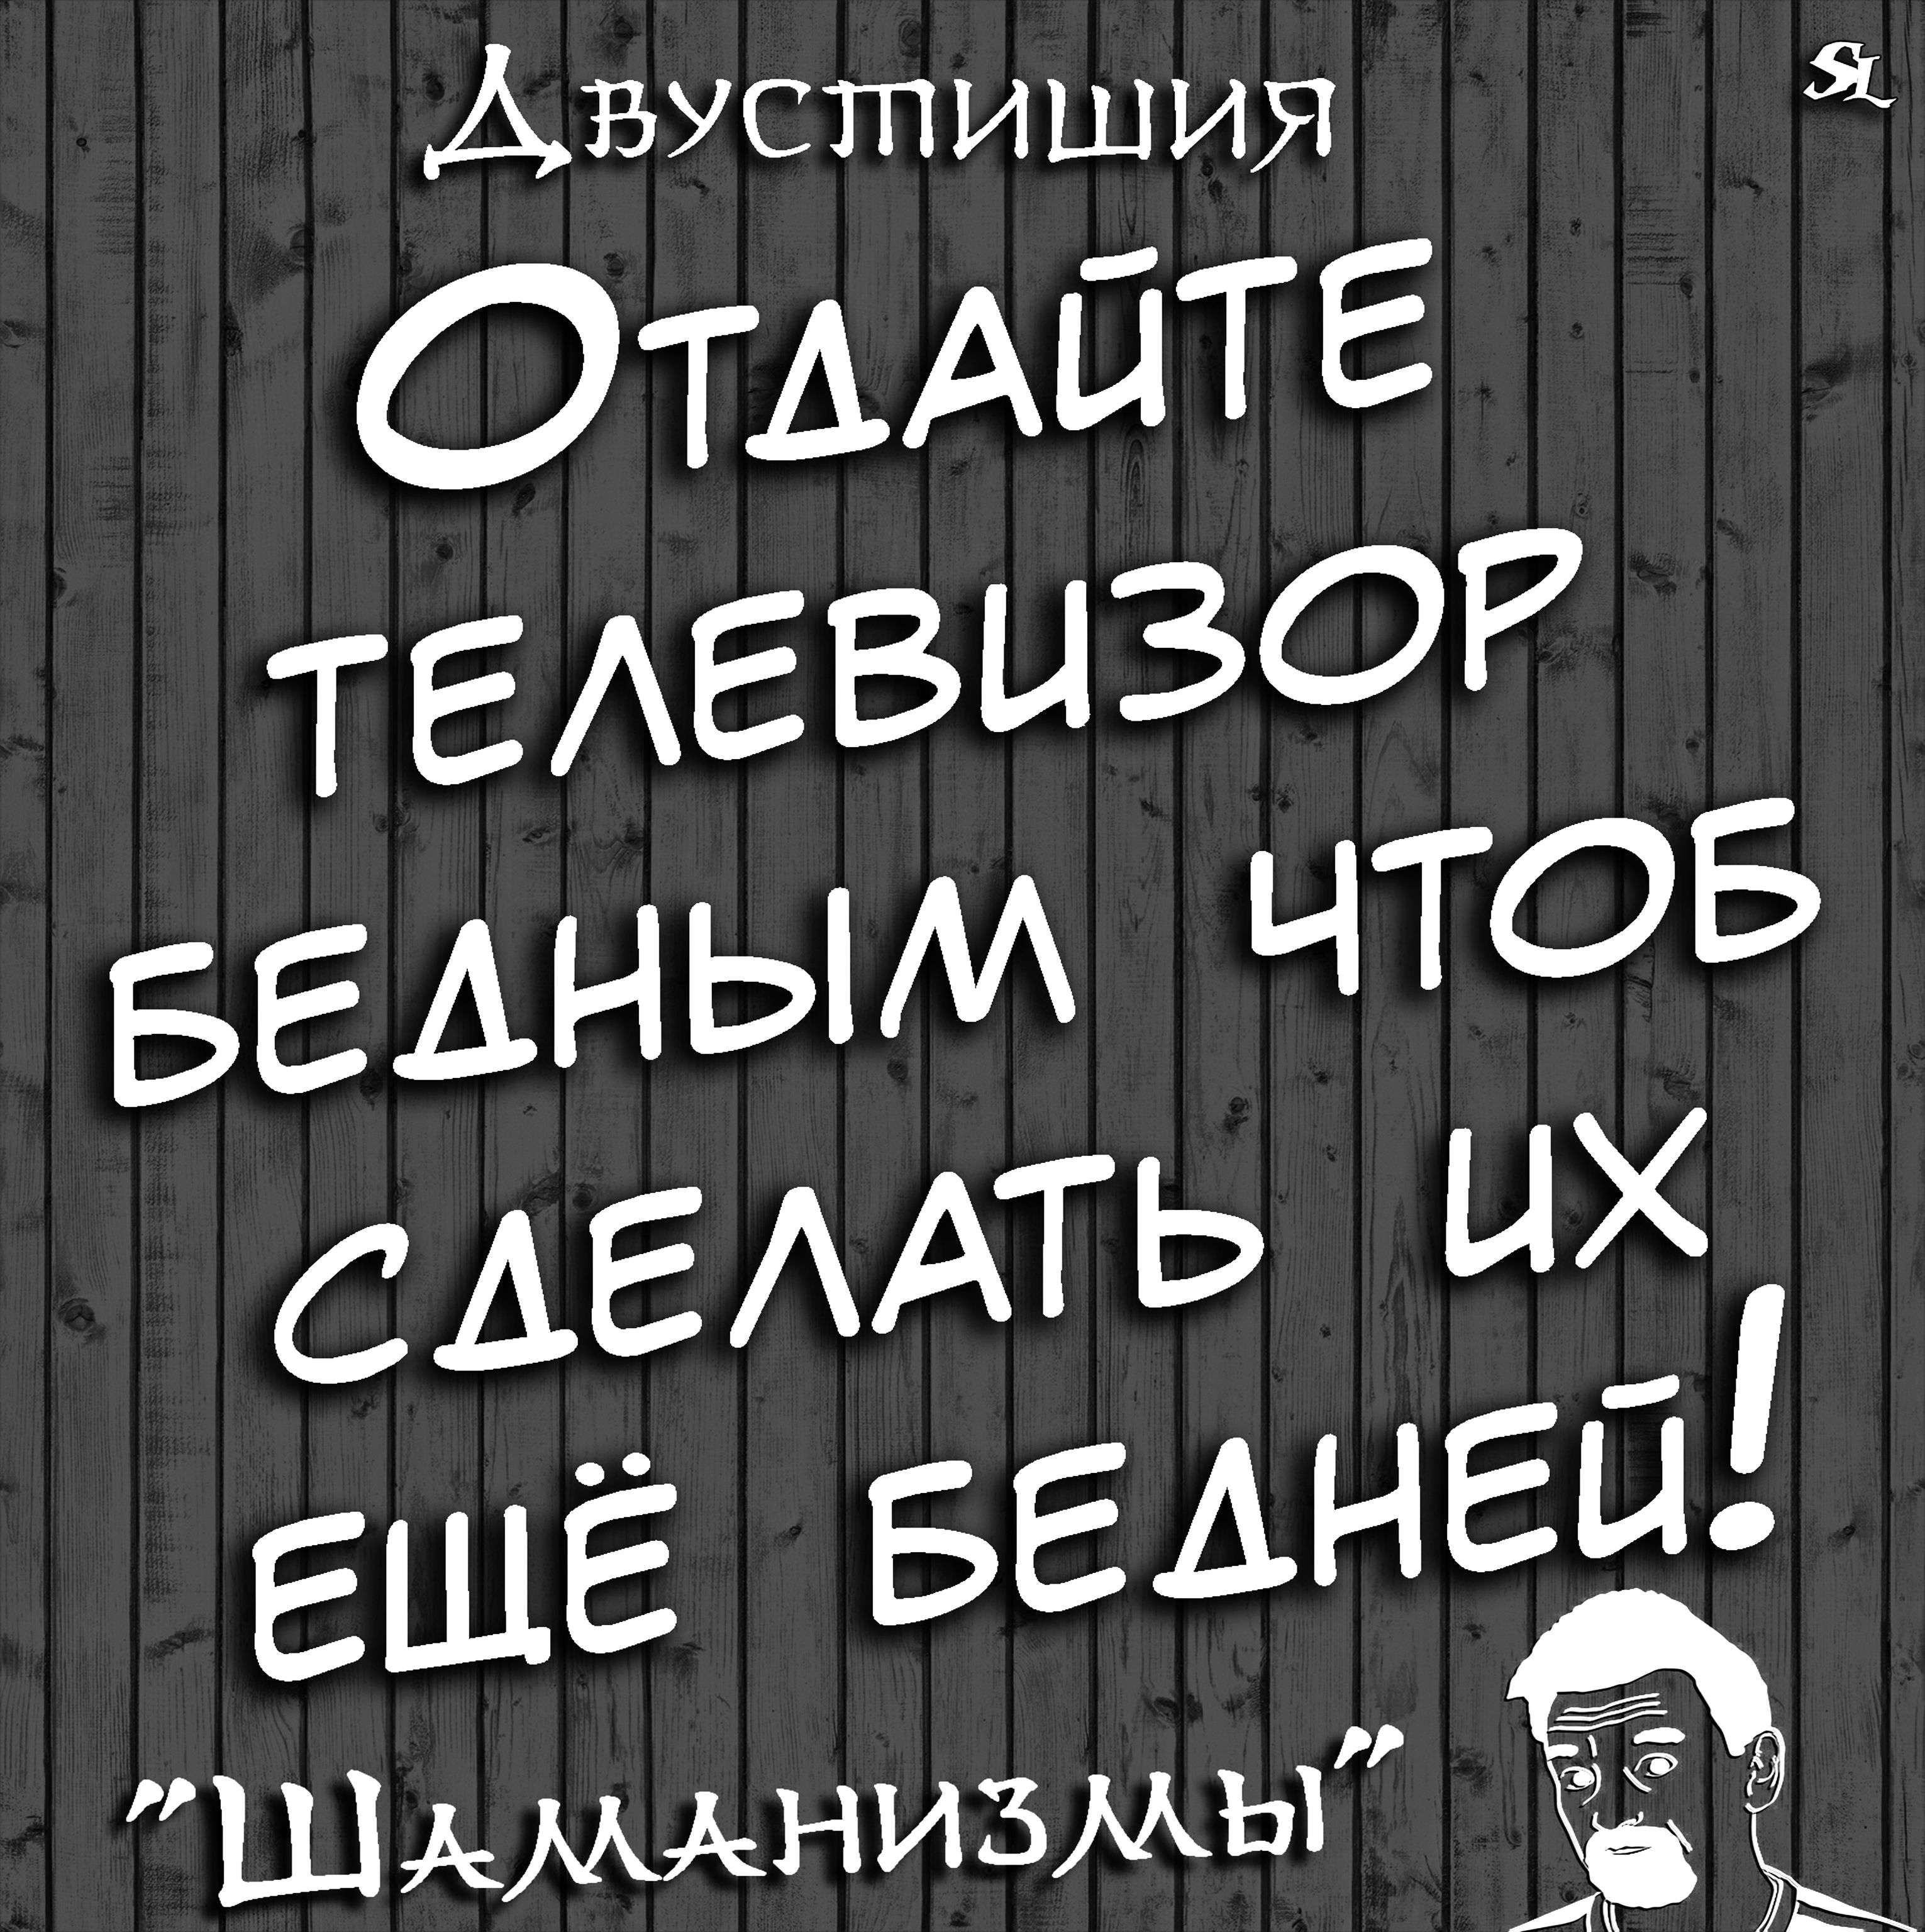 Dvostishie Shamanizmy Shutki Prikol Yumor Jokes Funny Humor Memes Shaman Ledentsov Sl Shaman In 2020 Phrase Of The Day Jokes Shaman